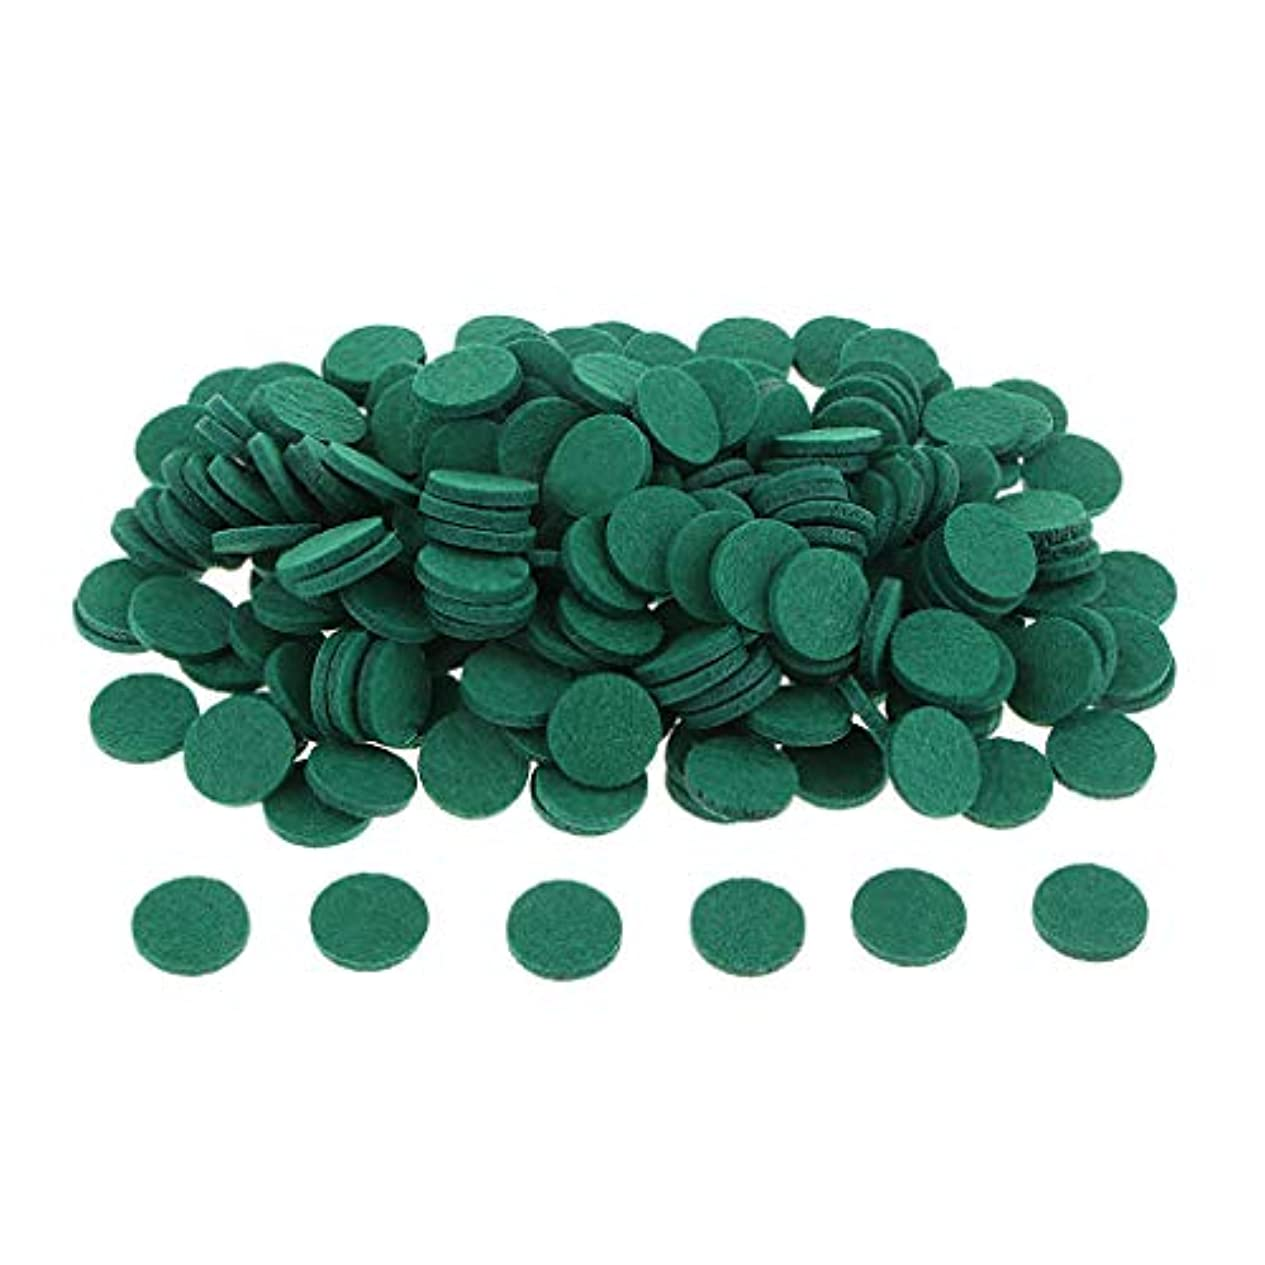 何でものスコアブルーベル約200個入り 詰め替えパッド アロマオイルパッド パッド 詰め替え エッセンシャルオイル 部屋 全11色 - 緑